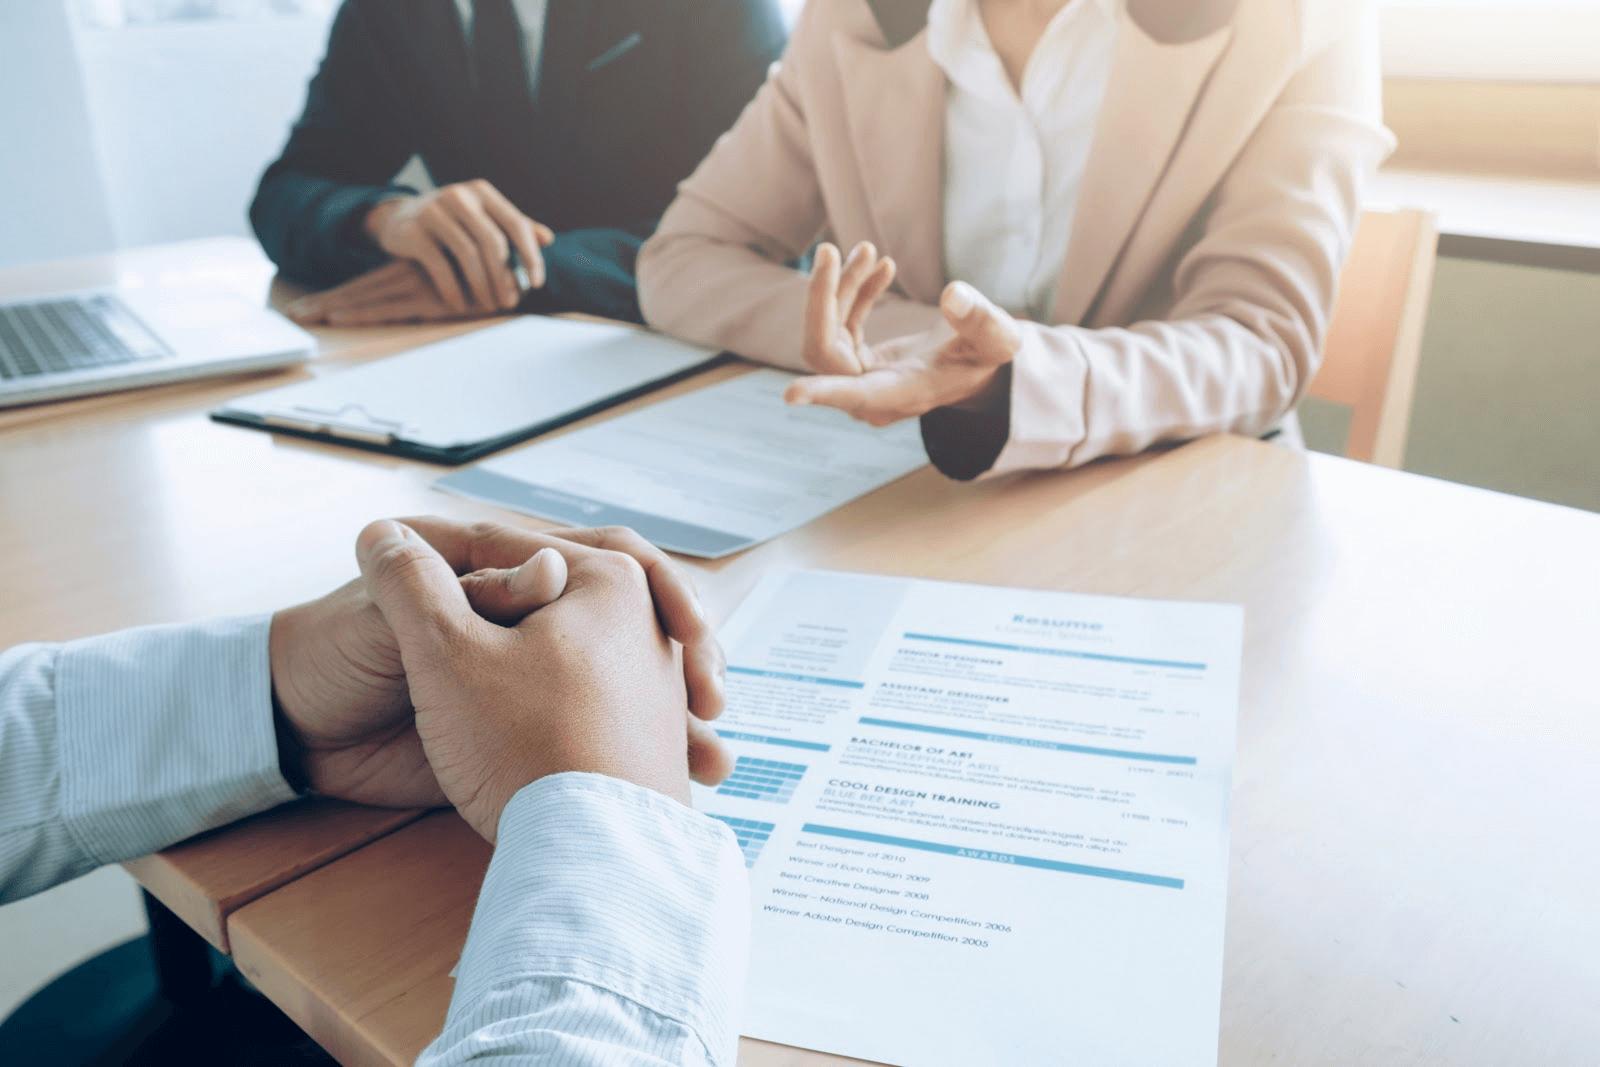 Gestão de Recursos Humanos (EaD): 5 vantagens no mercado de trabalho